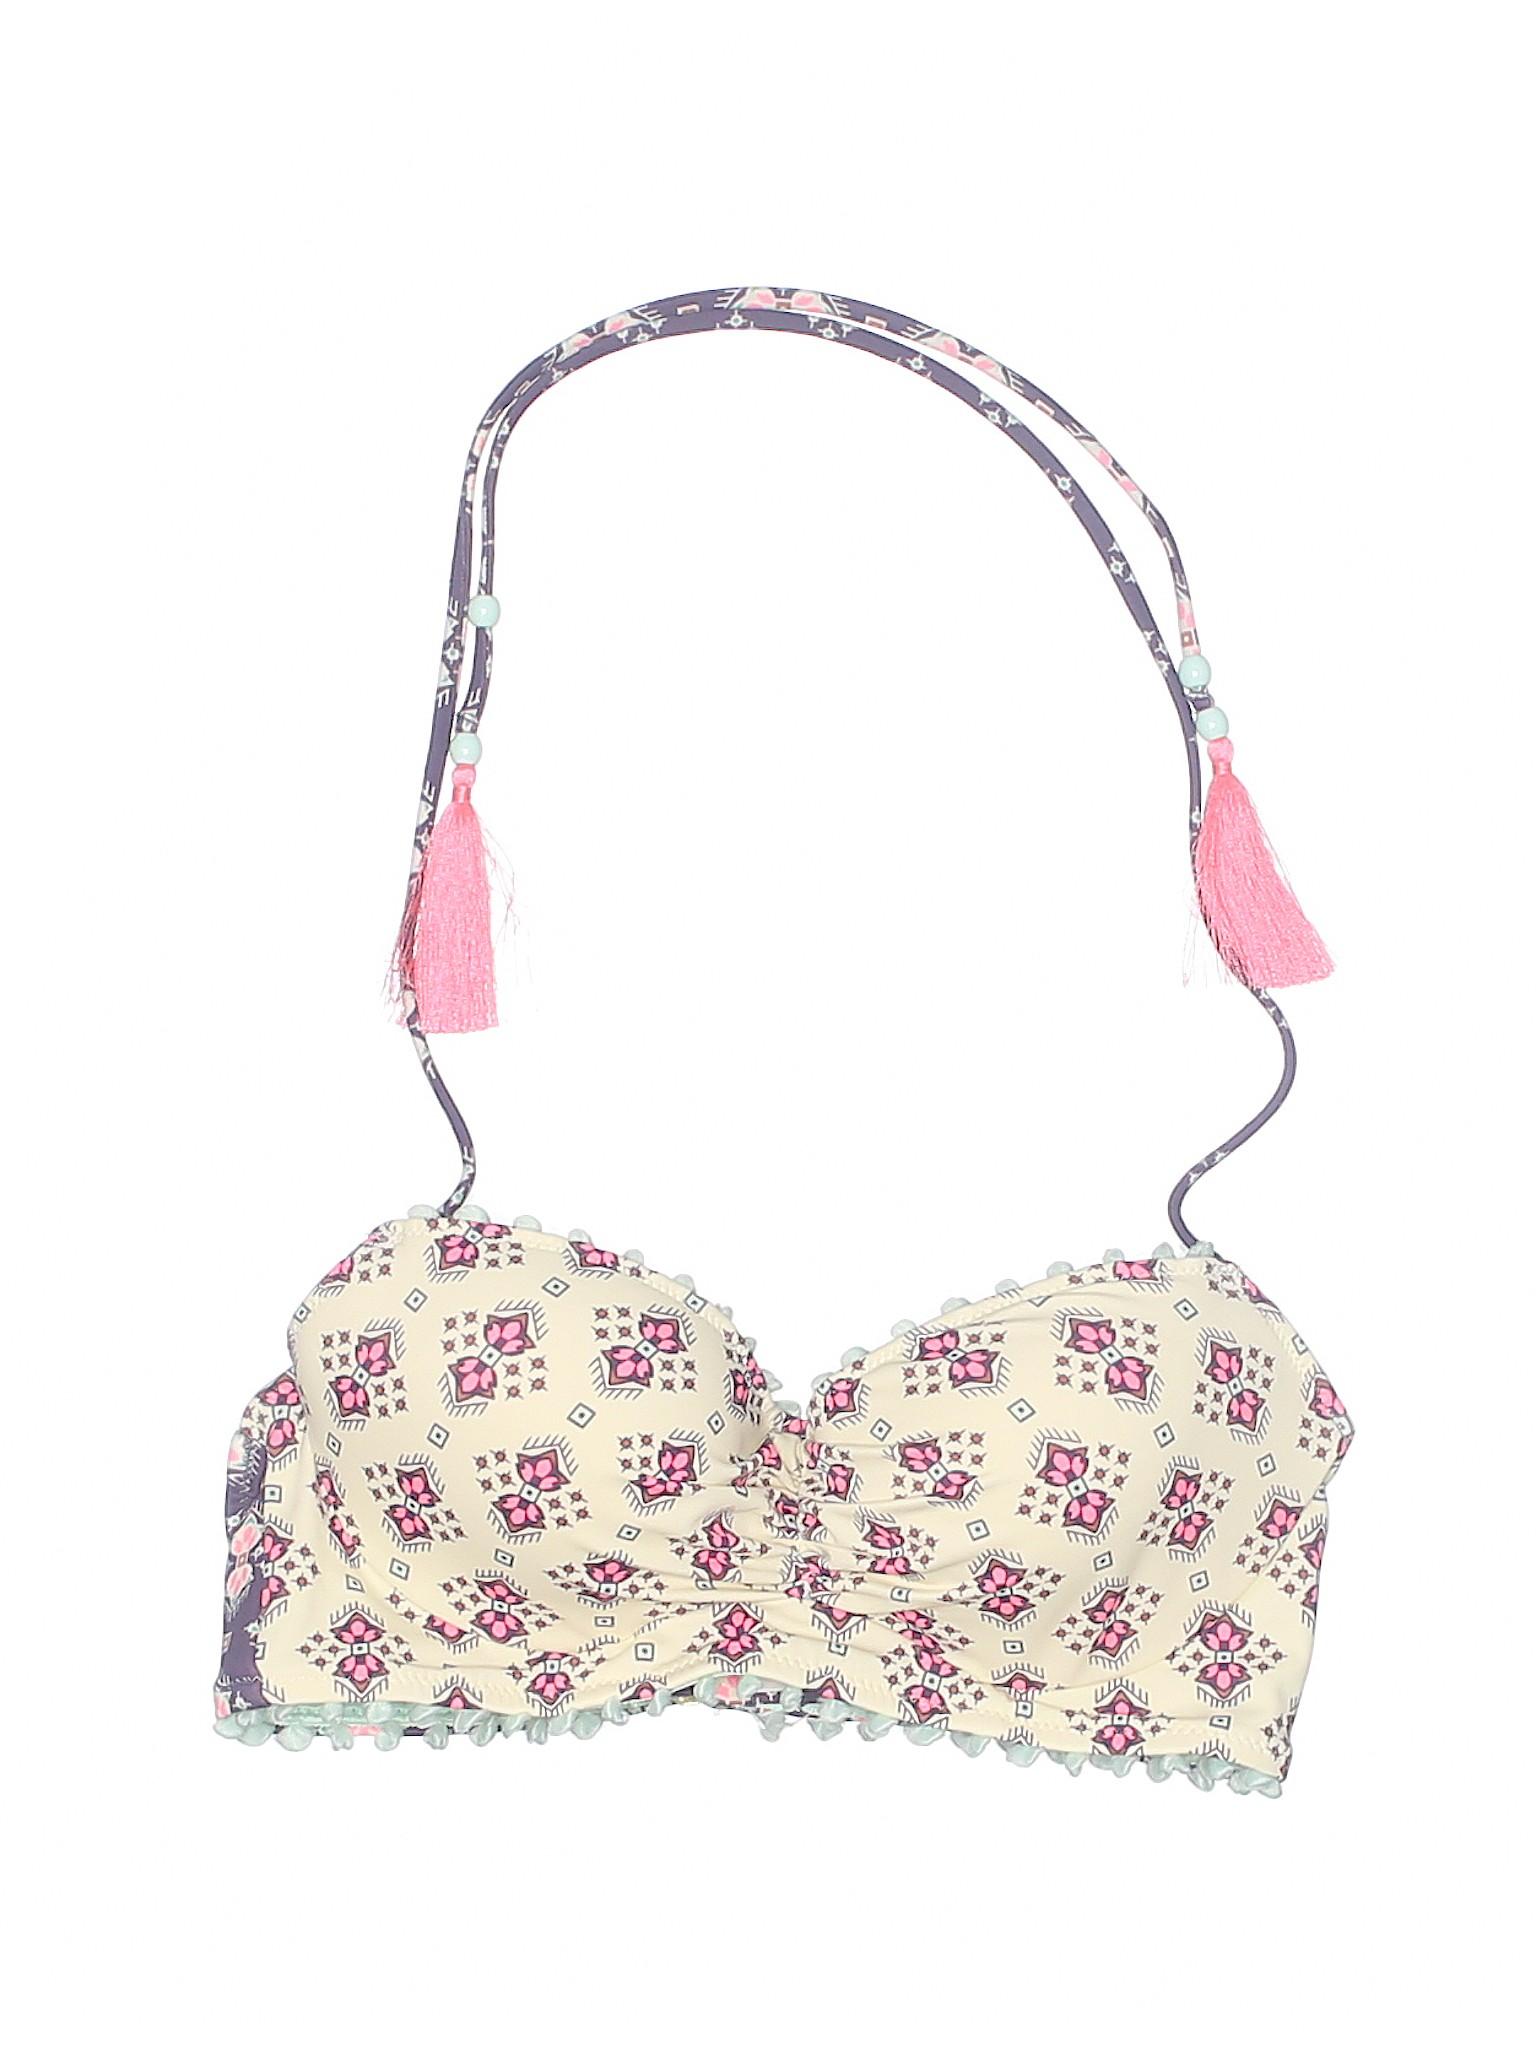 Boutique Victoria's Secret Boutique Secret Victoria's Top Swimsuit waUxqq1